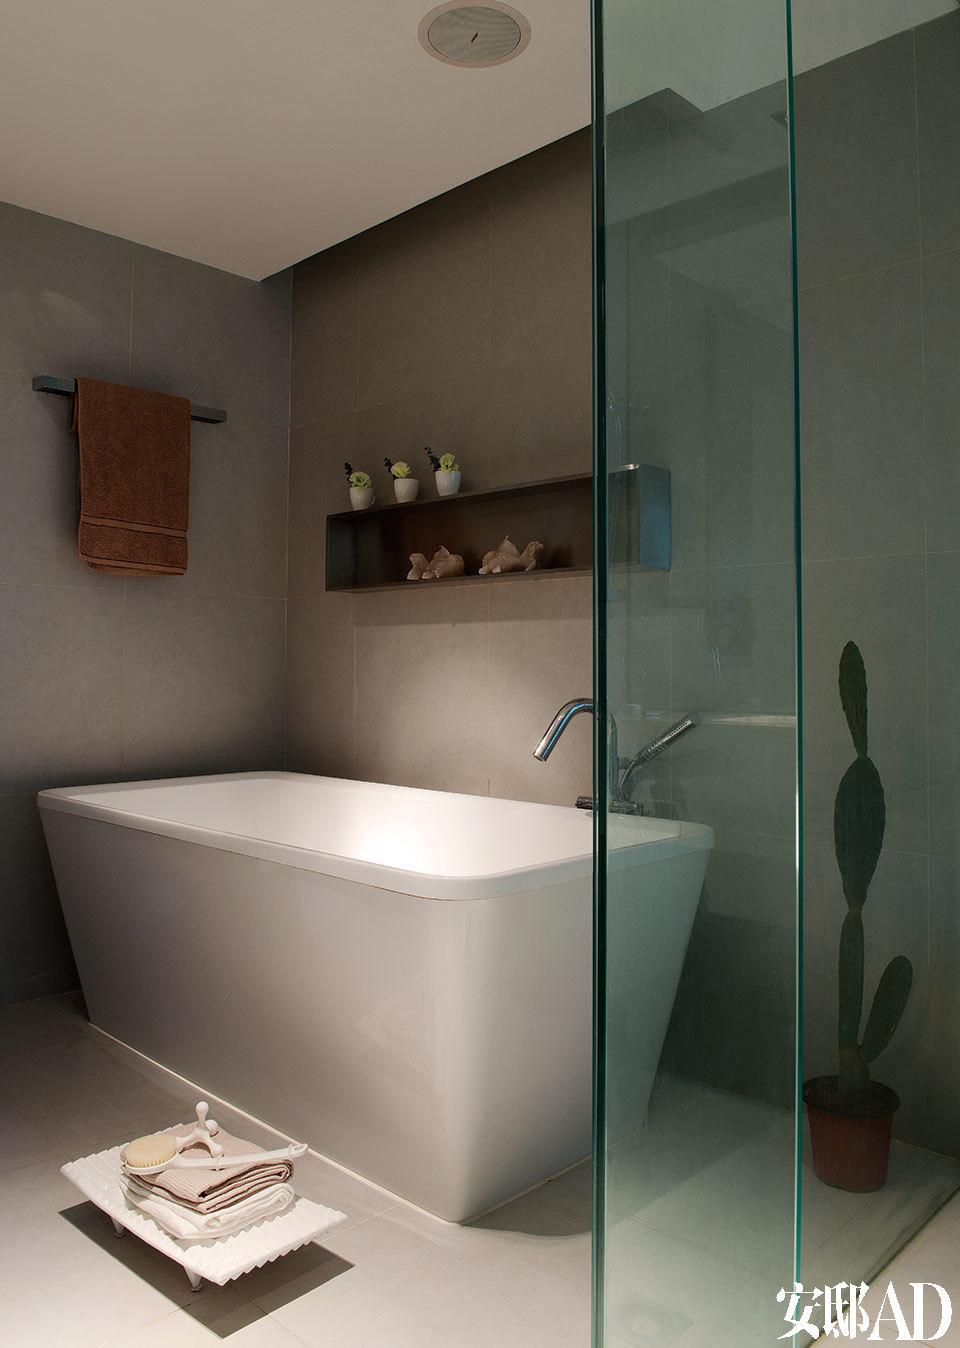 浴室由原来的浴室和一间衣橱打通扩建而成,浴缸由德国Duravit出品,龙头来自宜家家居,地面上来自家天地的瓷质托盘为Bosa品牌。浅灰色的地砖和墙面带给浴室安静的禅意, 淡淡的绿色玻璃在色彩与质感上都丰富了层次。